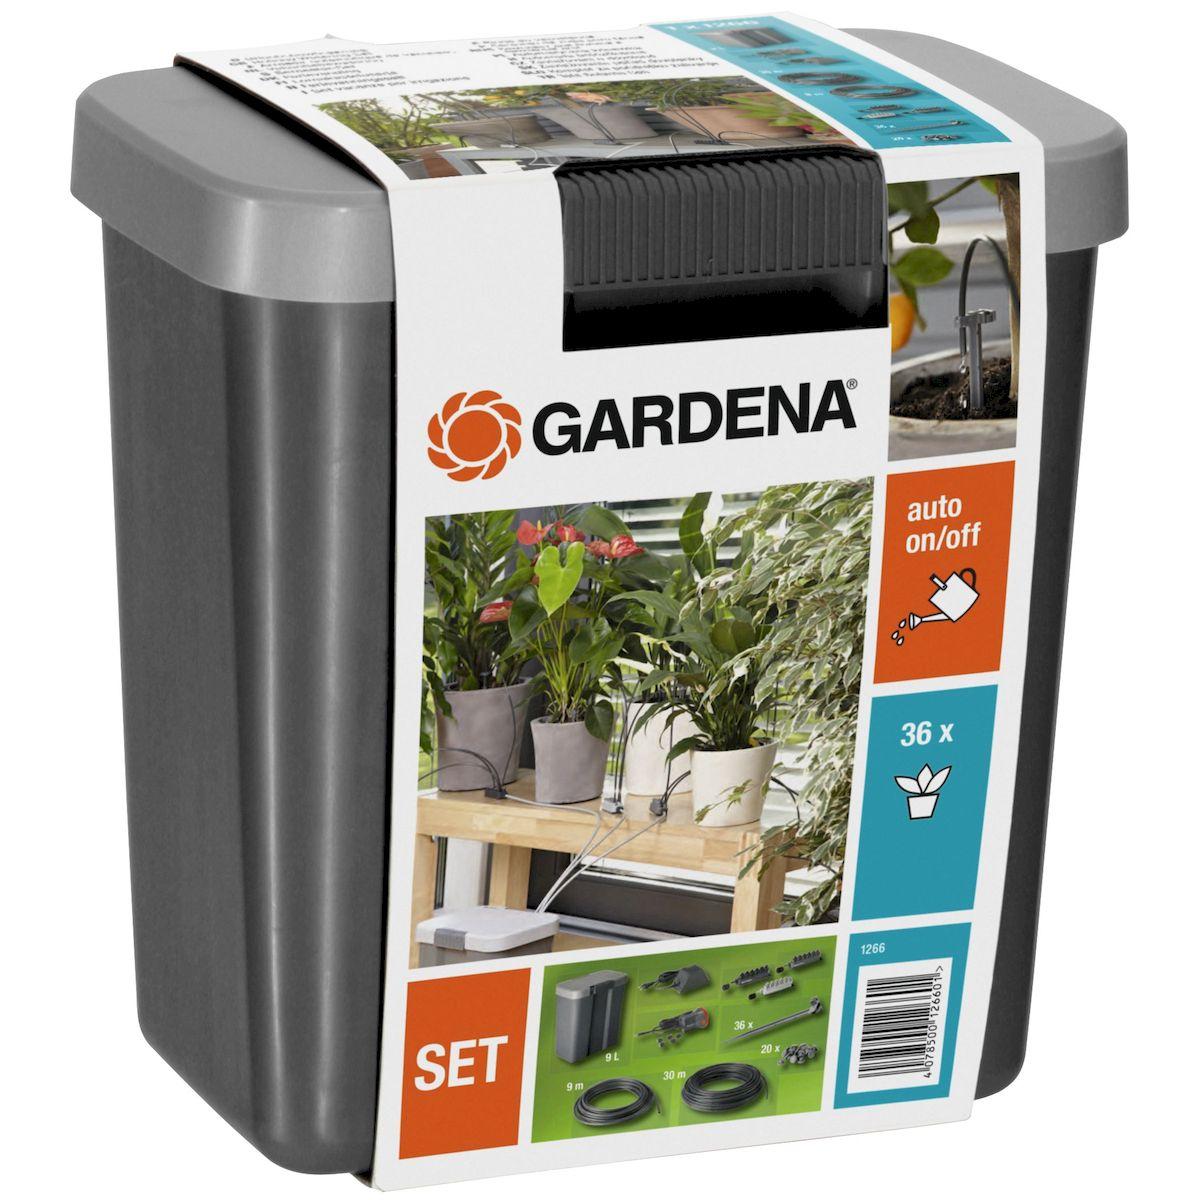 Комплект для полива в выходные дни Gardena, с емкостью на 9 л01266-20.000.00Комплект для полива в выходные дни Gardena с емкостью на 9 литров- предназначен для полностью автоматизированного полива комнатных растений во время вашего отсутствия (например, в отпуске). Он может также использоваться для полива растенийв цветочных ящиках на балконах и на крышах-террасах. Комплект не может применяться в местах общественного пользования,на спортивных объектах, парках, в сельском и лесном хозяйстве.Принцип действия комплекта для полива заключается в следующем: подача насосом воды из емкости к отдельным растениям по 1 минуте, благодаря таймеру, встроенному в трансформатор с девятилитровой емкостью.Одновременно можно поливать до 36 растений. В первую очередь требуется определить количество воды, необходимое растениям ежедневно. Чтобы почувствовать правильную дозировку воды, можно испытать систему до начала отпуска в течение нескольких дней.При перебоях в подаче электроэнергии, насос каждый раз запускается автоматически, и продолжает работать по первоначально заданной программе после ее возобновления.Когда вы расставляете цветочные горшки, рекомендуется выбирать места, которые расположены в зоне действия солнечных лучей, но не слишком близко от окна, лучше всего на расстоянии приблизительно 1 м. Помните, что потребление воды каждым отдельным растением может меняться, если переместить его на другое место. В теплых и светлых местах они нуждаются в большем количестве воды, чем в темных и прохладных.Можно распределить цветочные горшки по группам и присоединить к каждой группе соответствующий капельный распределитель. Светло-серый капельный распределитель 1 расходует приблизительно 15 мл на один канал в день, что соответствует содержанию как минимум стакана воды, предназначен для растений с незначительным потреблением воды. Серый капельный распределитель 2, используется для растений со средним потреблением воды. Расходует приблизительно 30 мл на один канал в день, что соответствует 